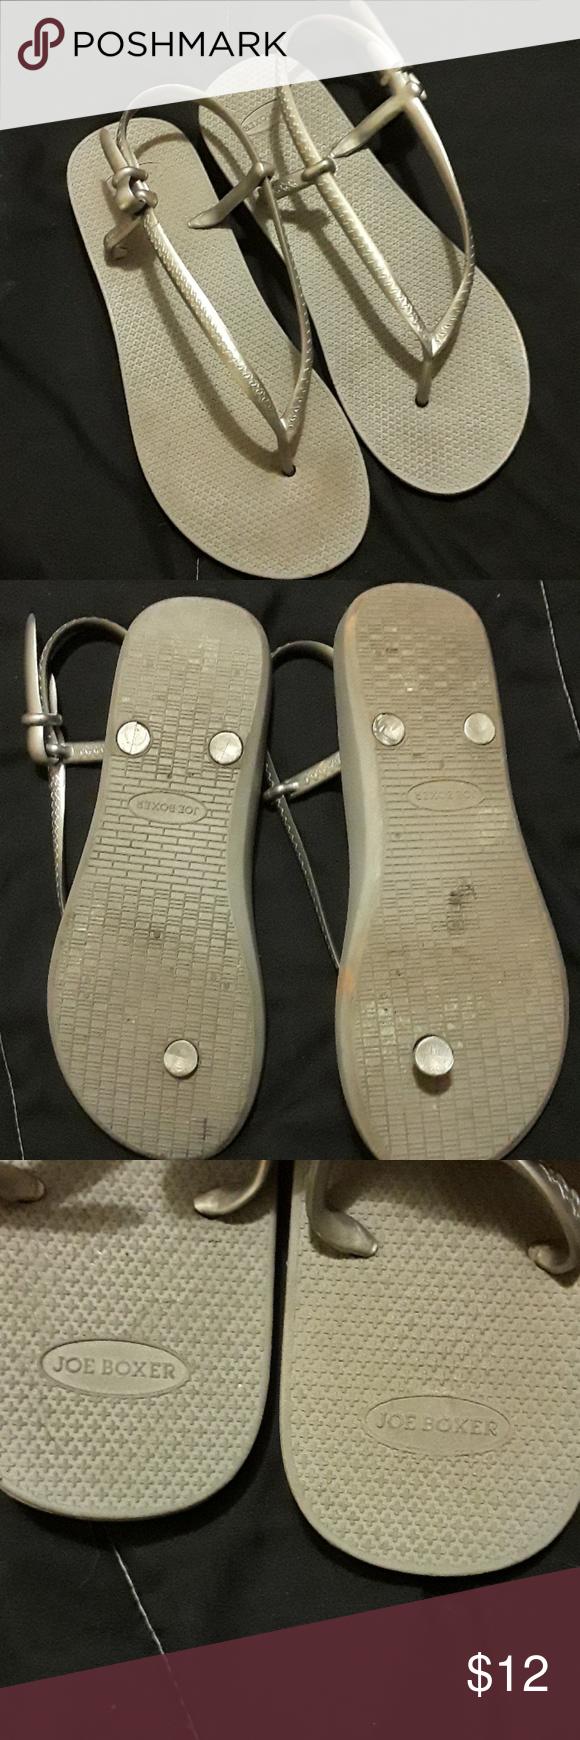 3c5d84a4194e74 Joe Boxer sandals Silver sandals